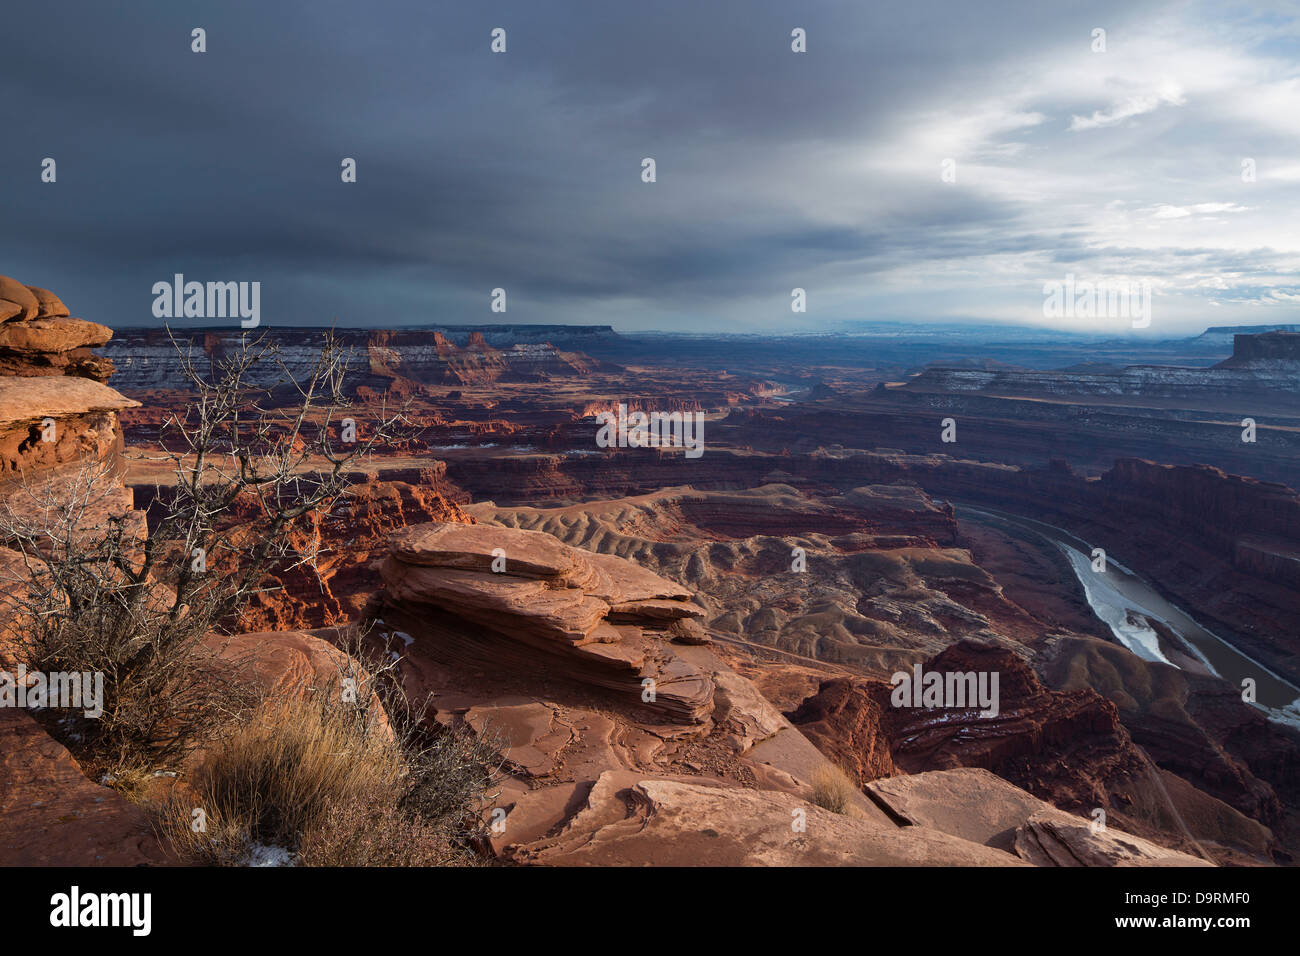 El Valle Colorado de Dead Horse Point, Utah, EE.UU. Imagen De Stock